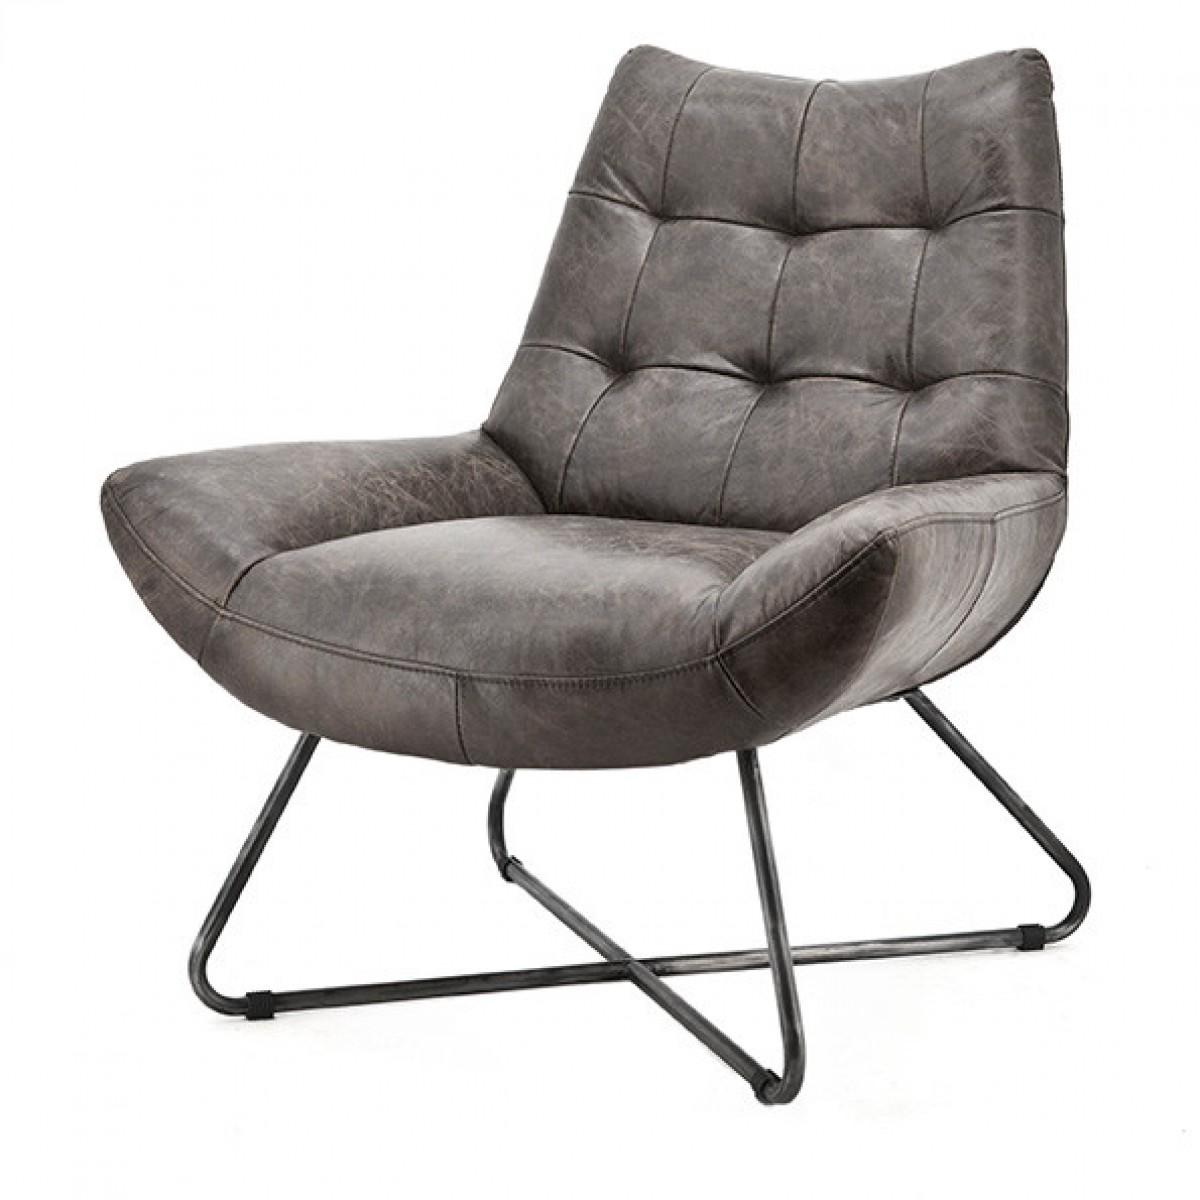 pedro-fauteuil-vintage-leder-antraciet-eleonora-detail